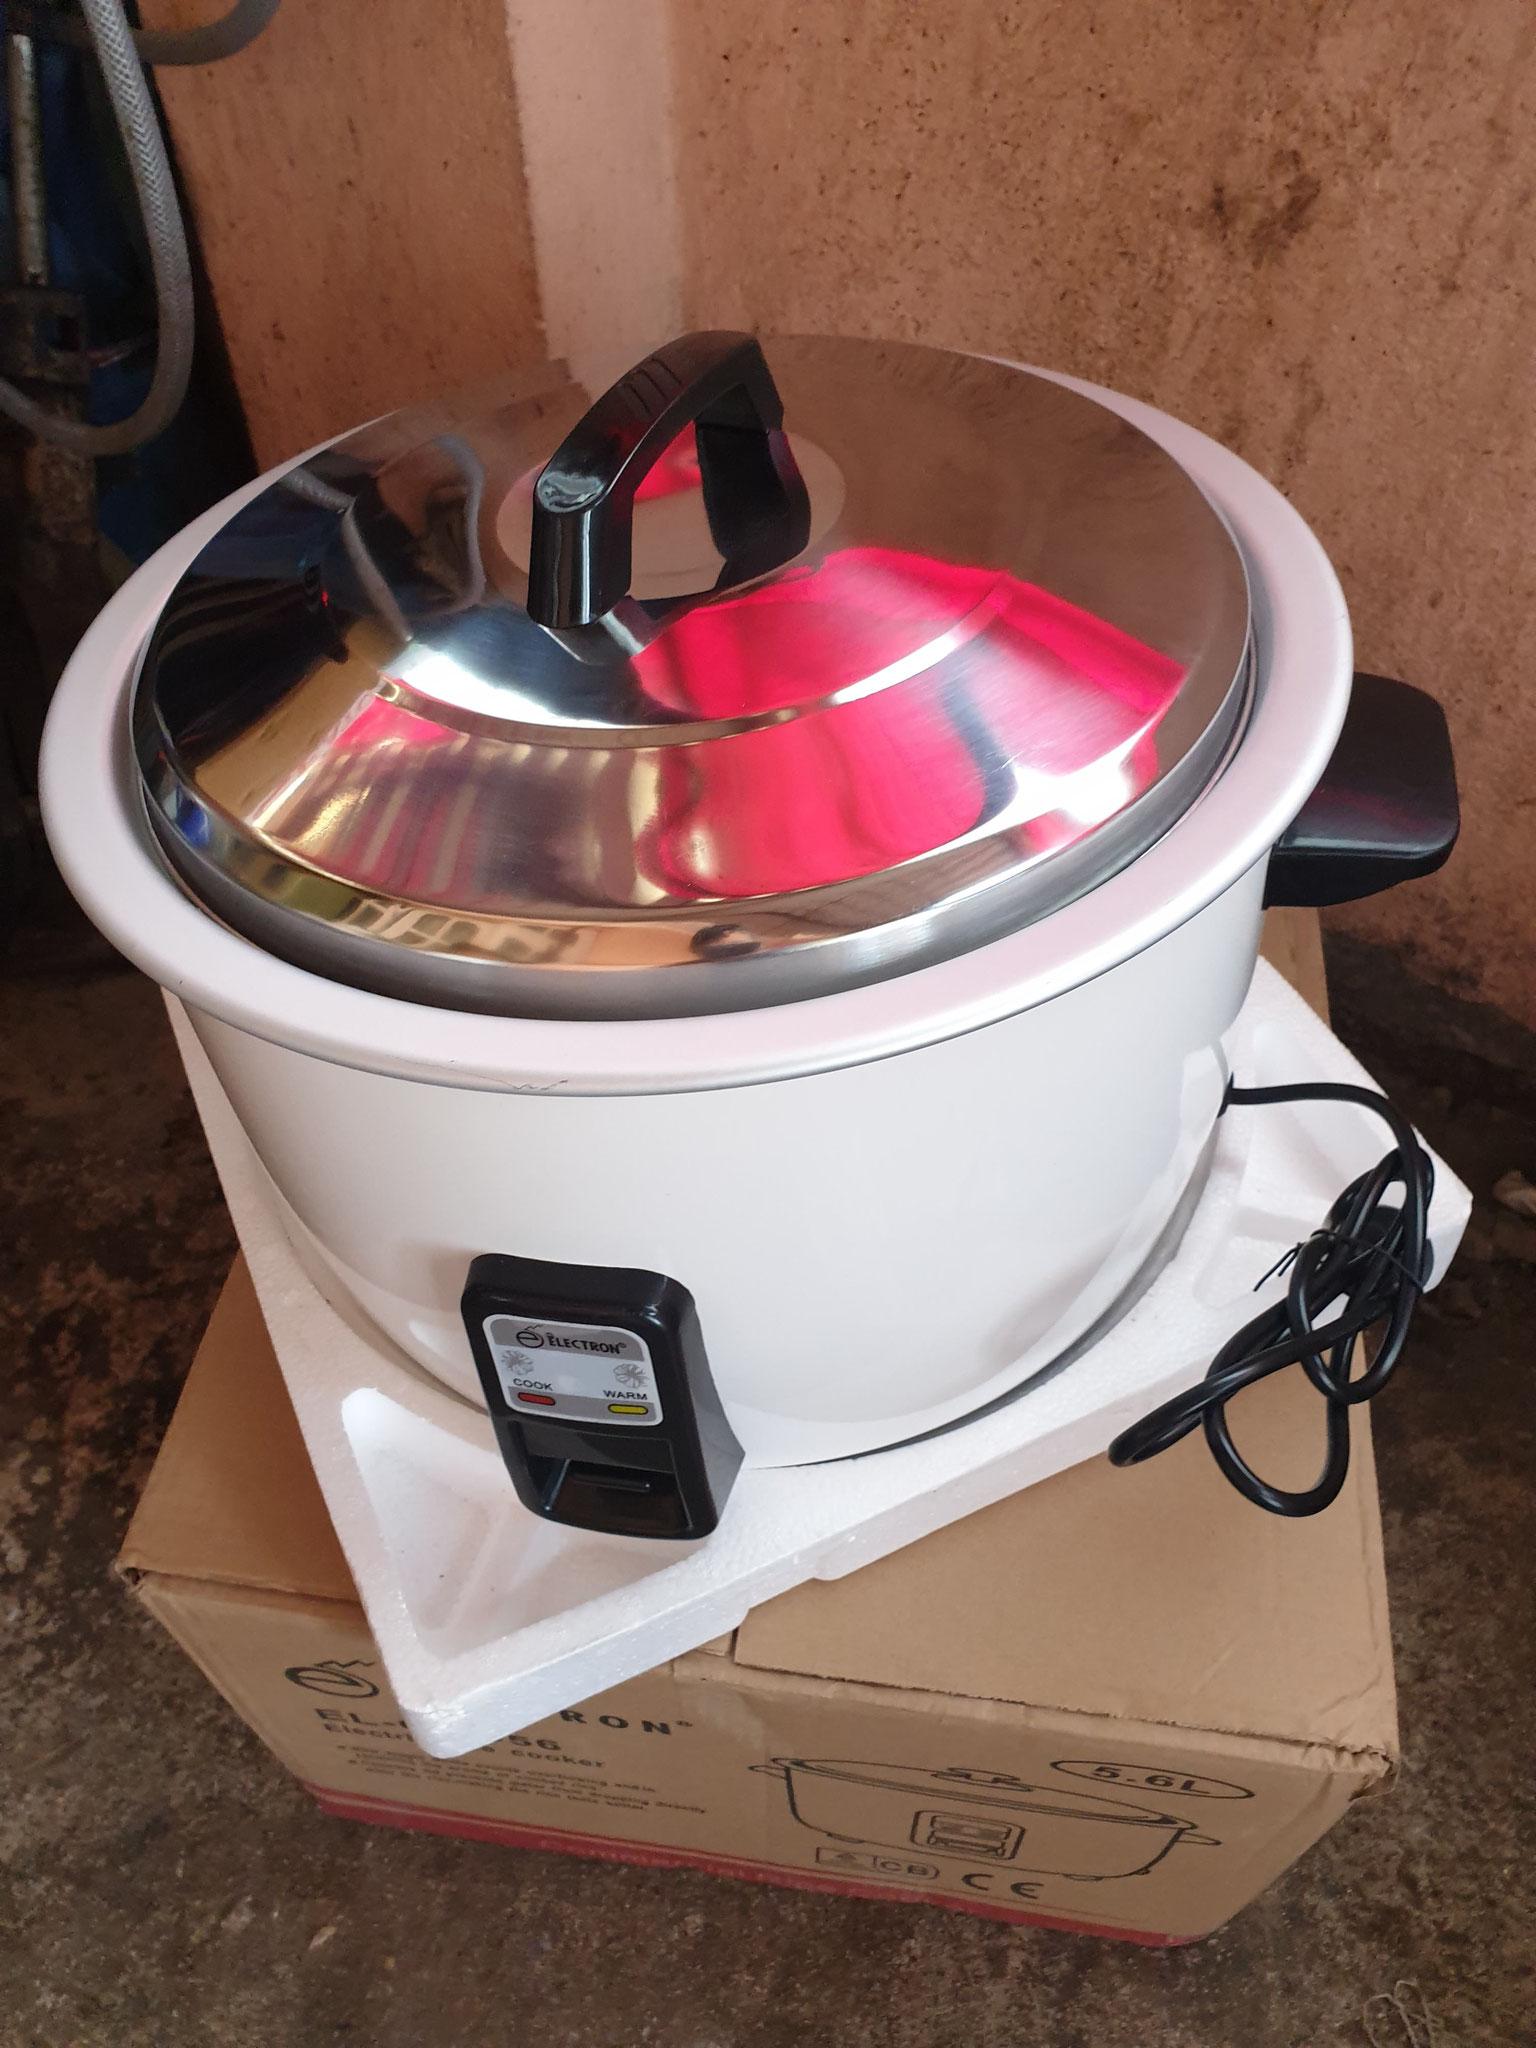 ein Reiskocher - dringende Neuanschaffung im Haus